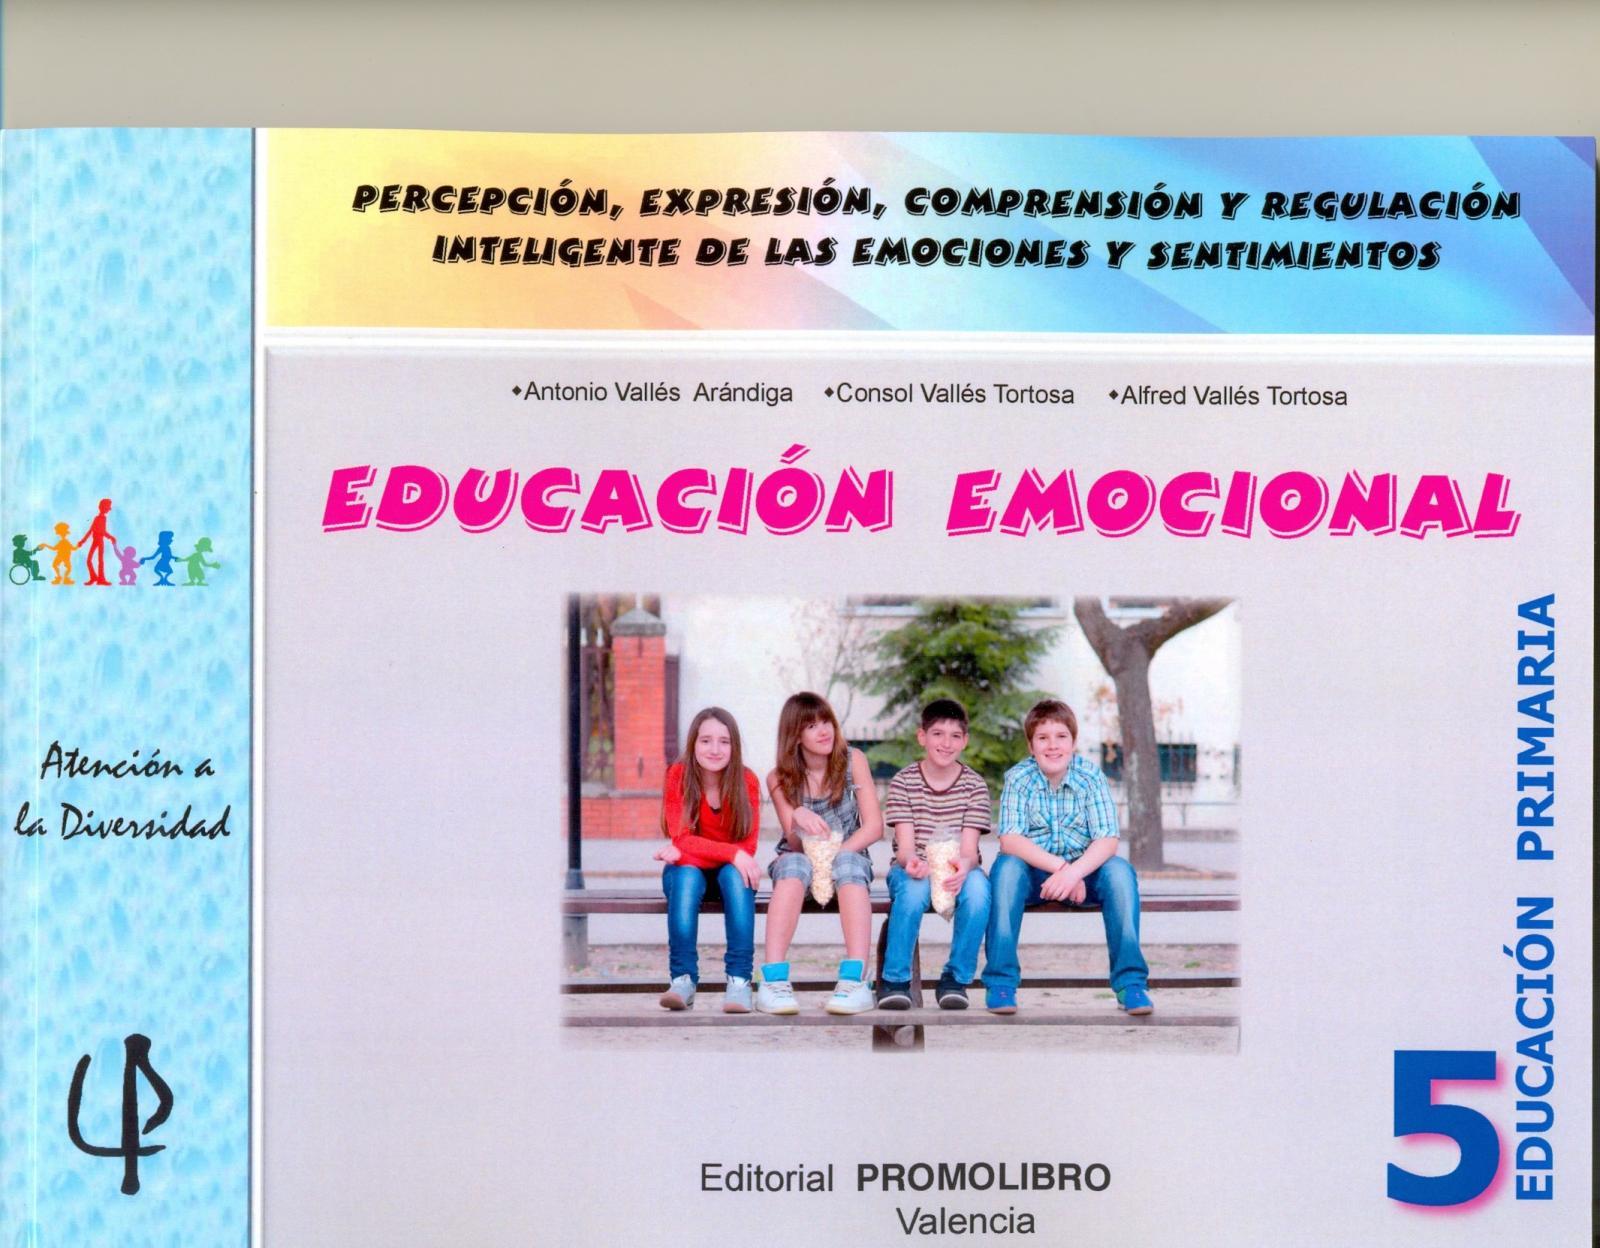 222.- EDUCACIÓN EMOCIONAL 5. Percepción, expresión, comprensión y regulación inteligente de las emociones y sentimientos. 5º Educación Primaria